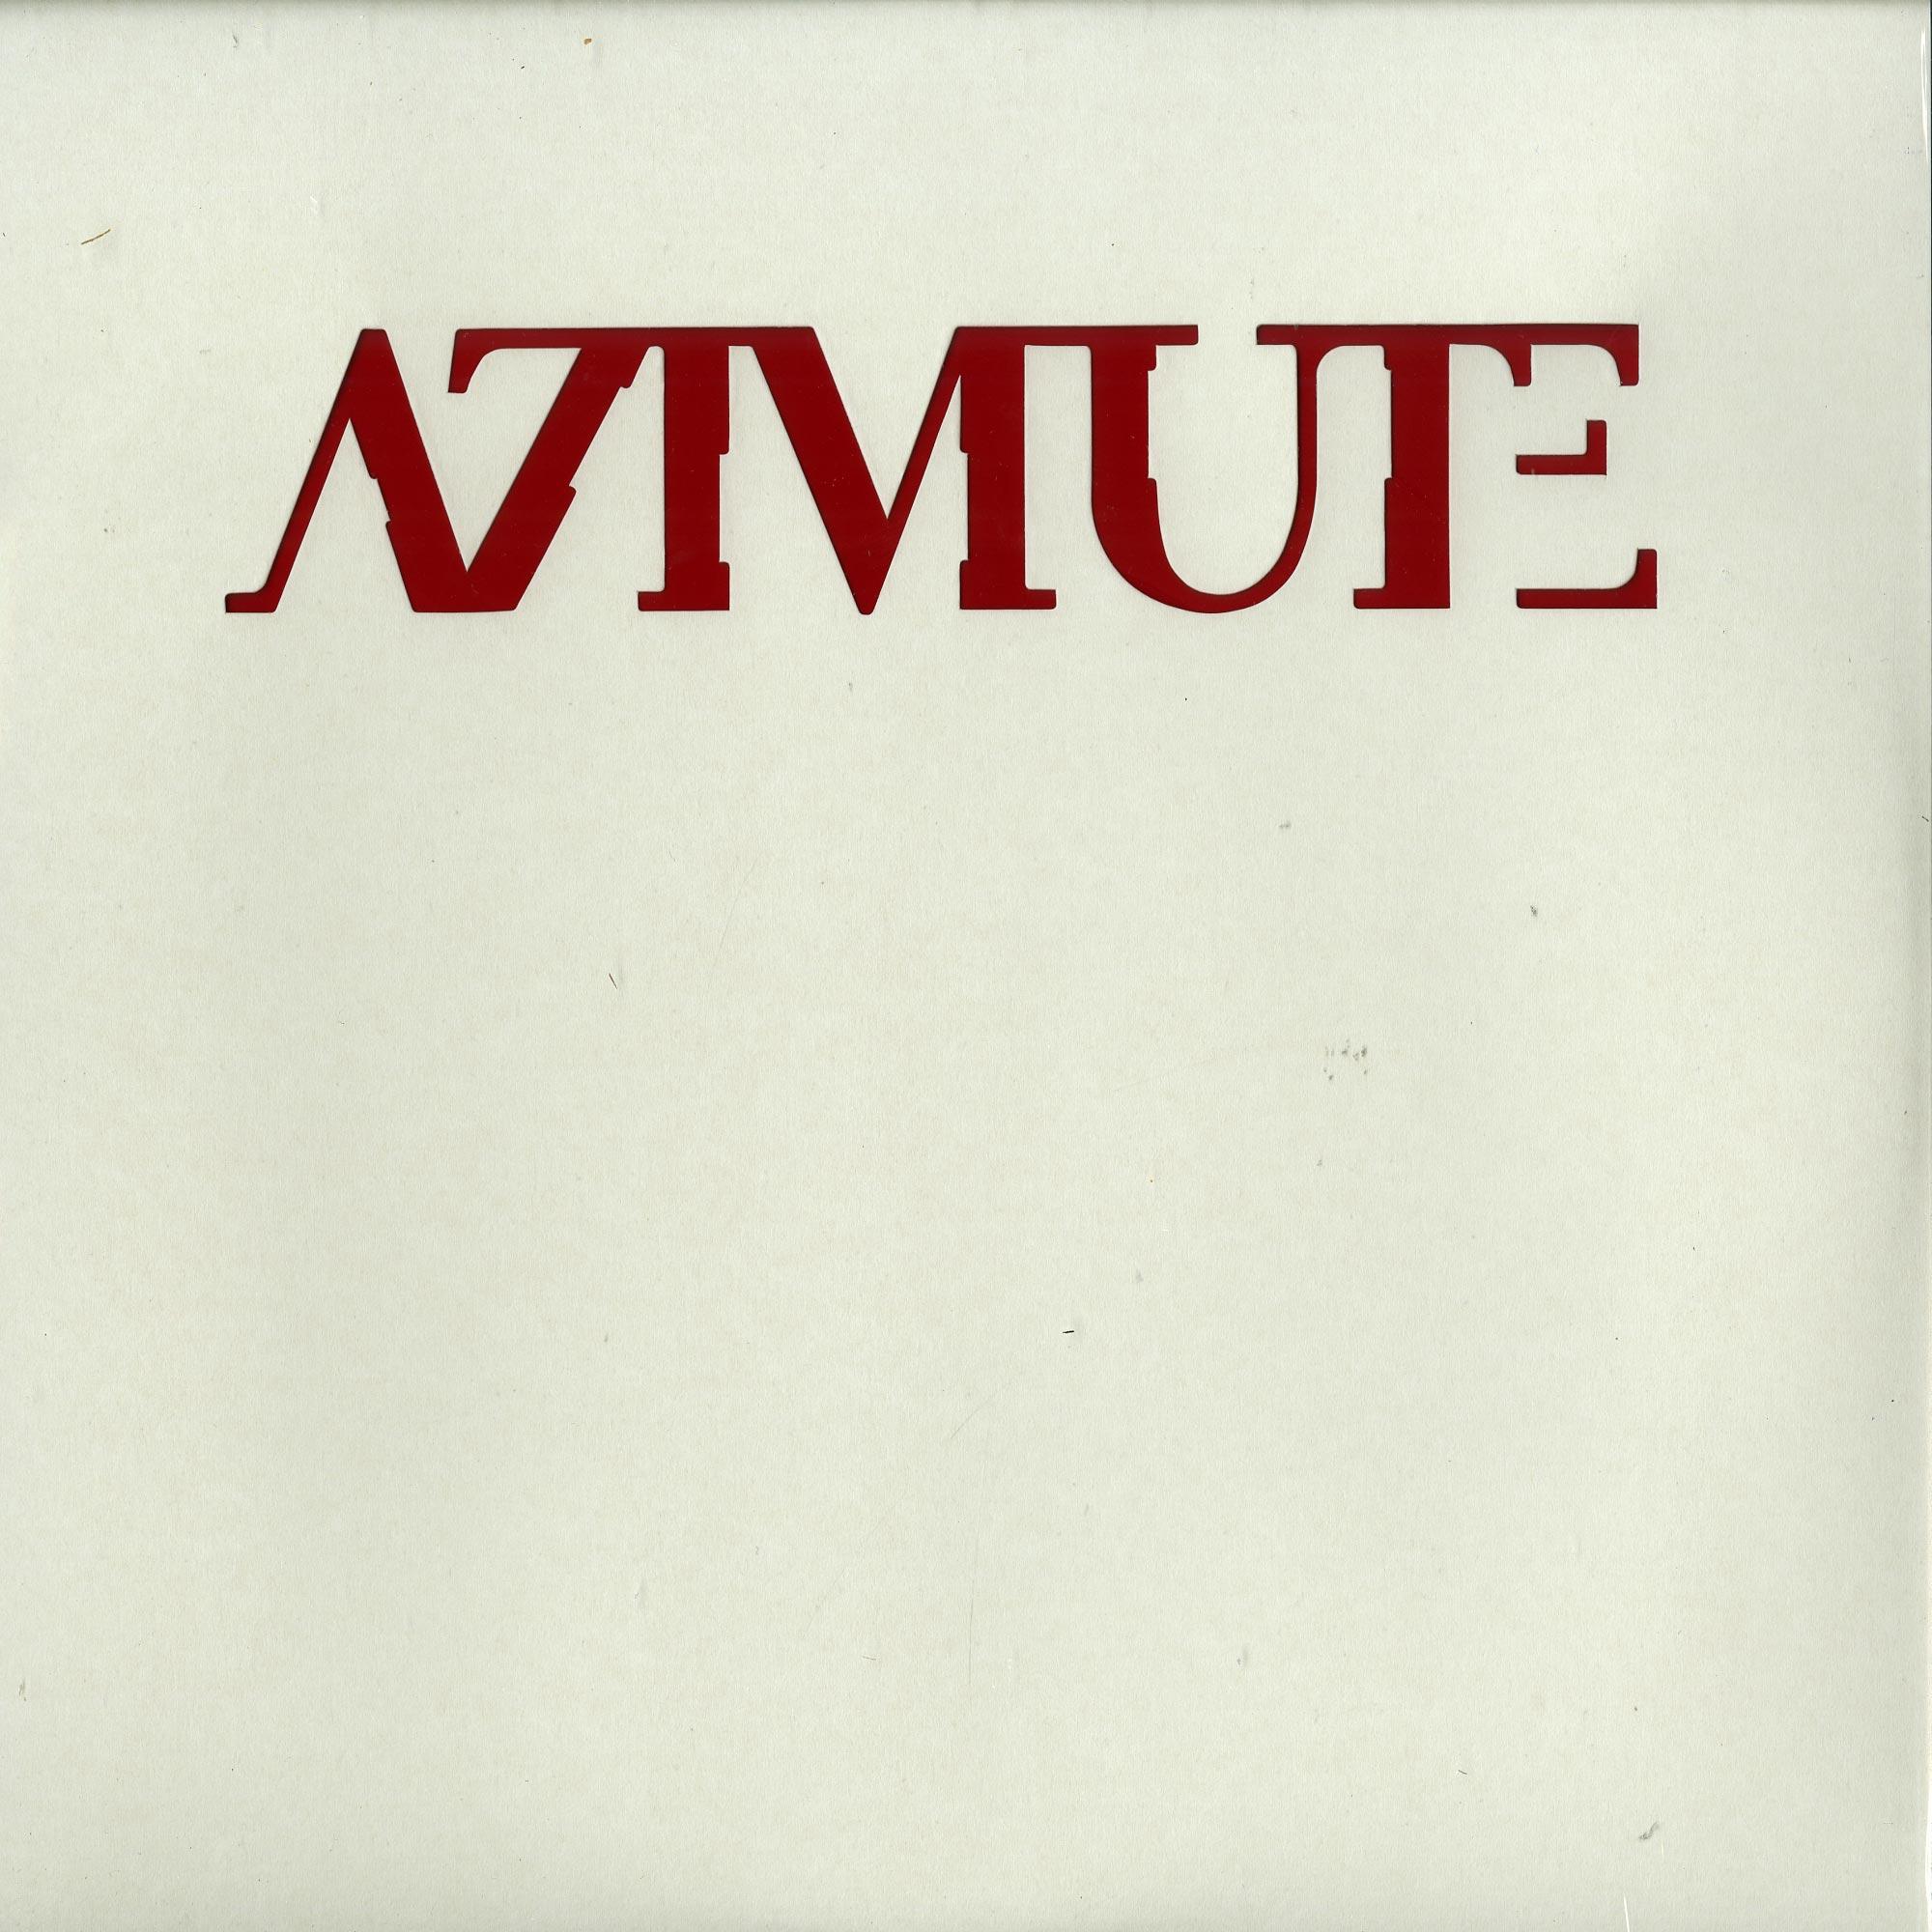 Azimute - AZMRED